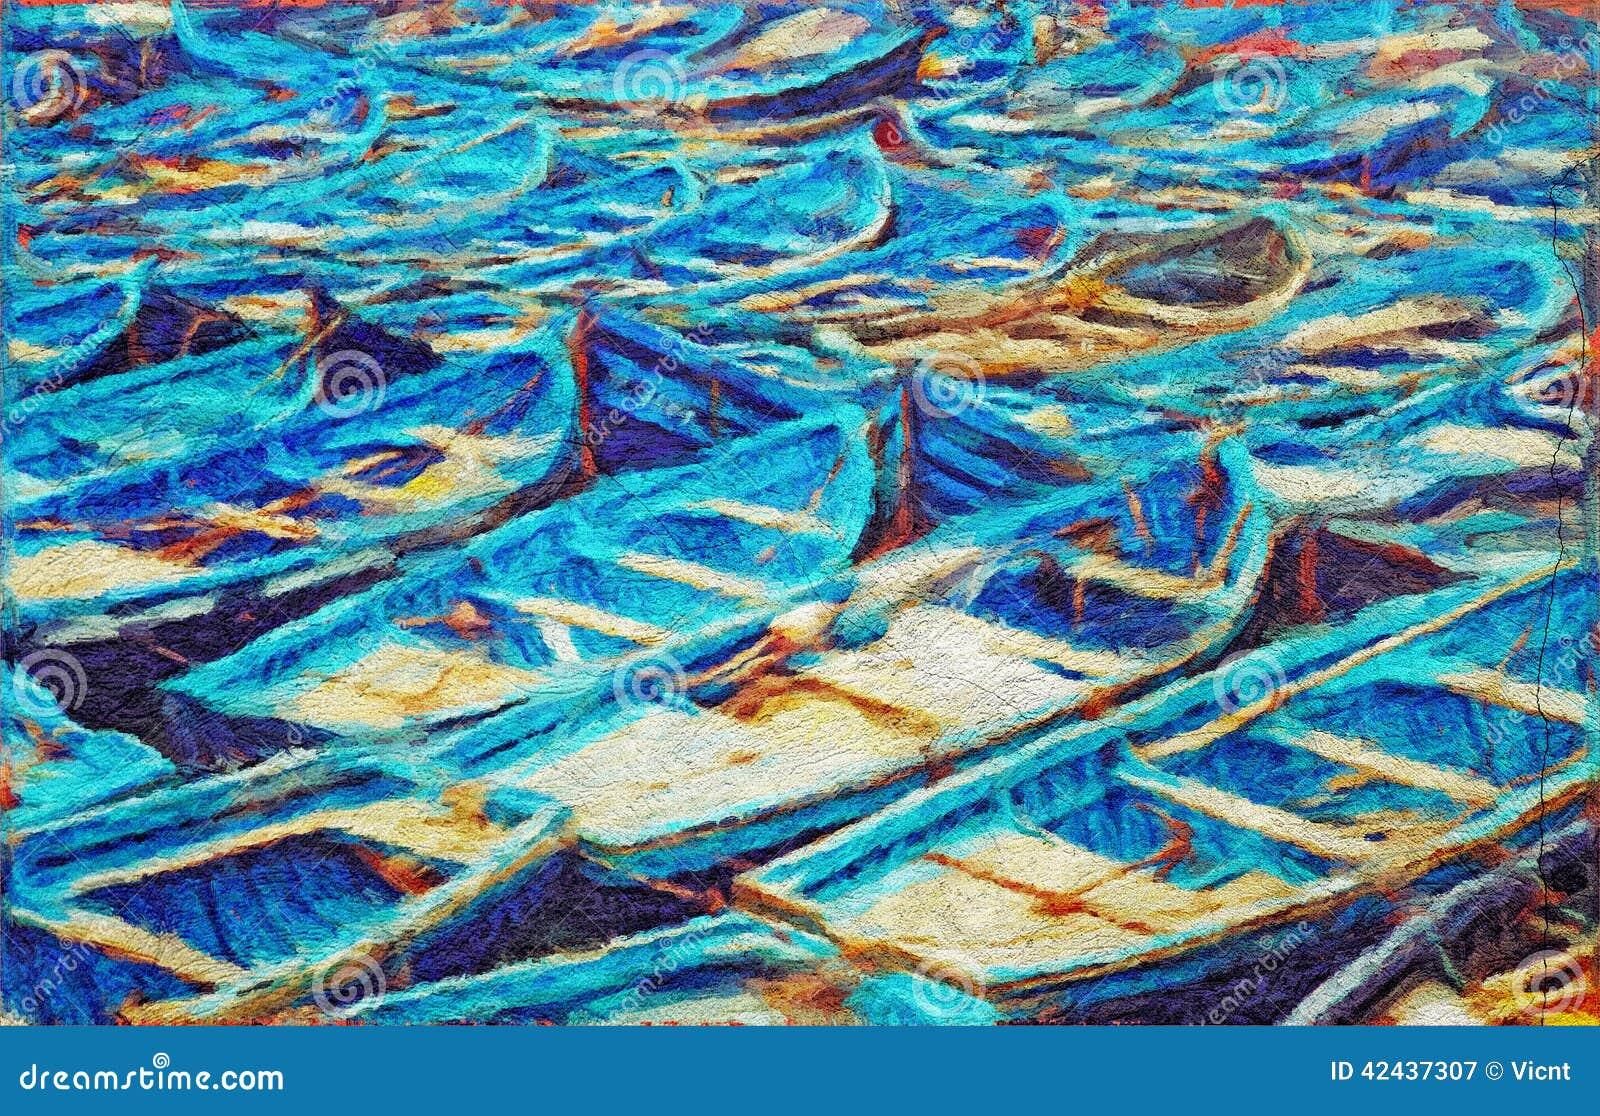 peinture de bateaux de p che illustration stock image 42437307. Black Bedroom Furniture Sets. Home Design Ideas